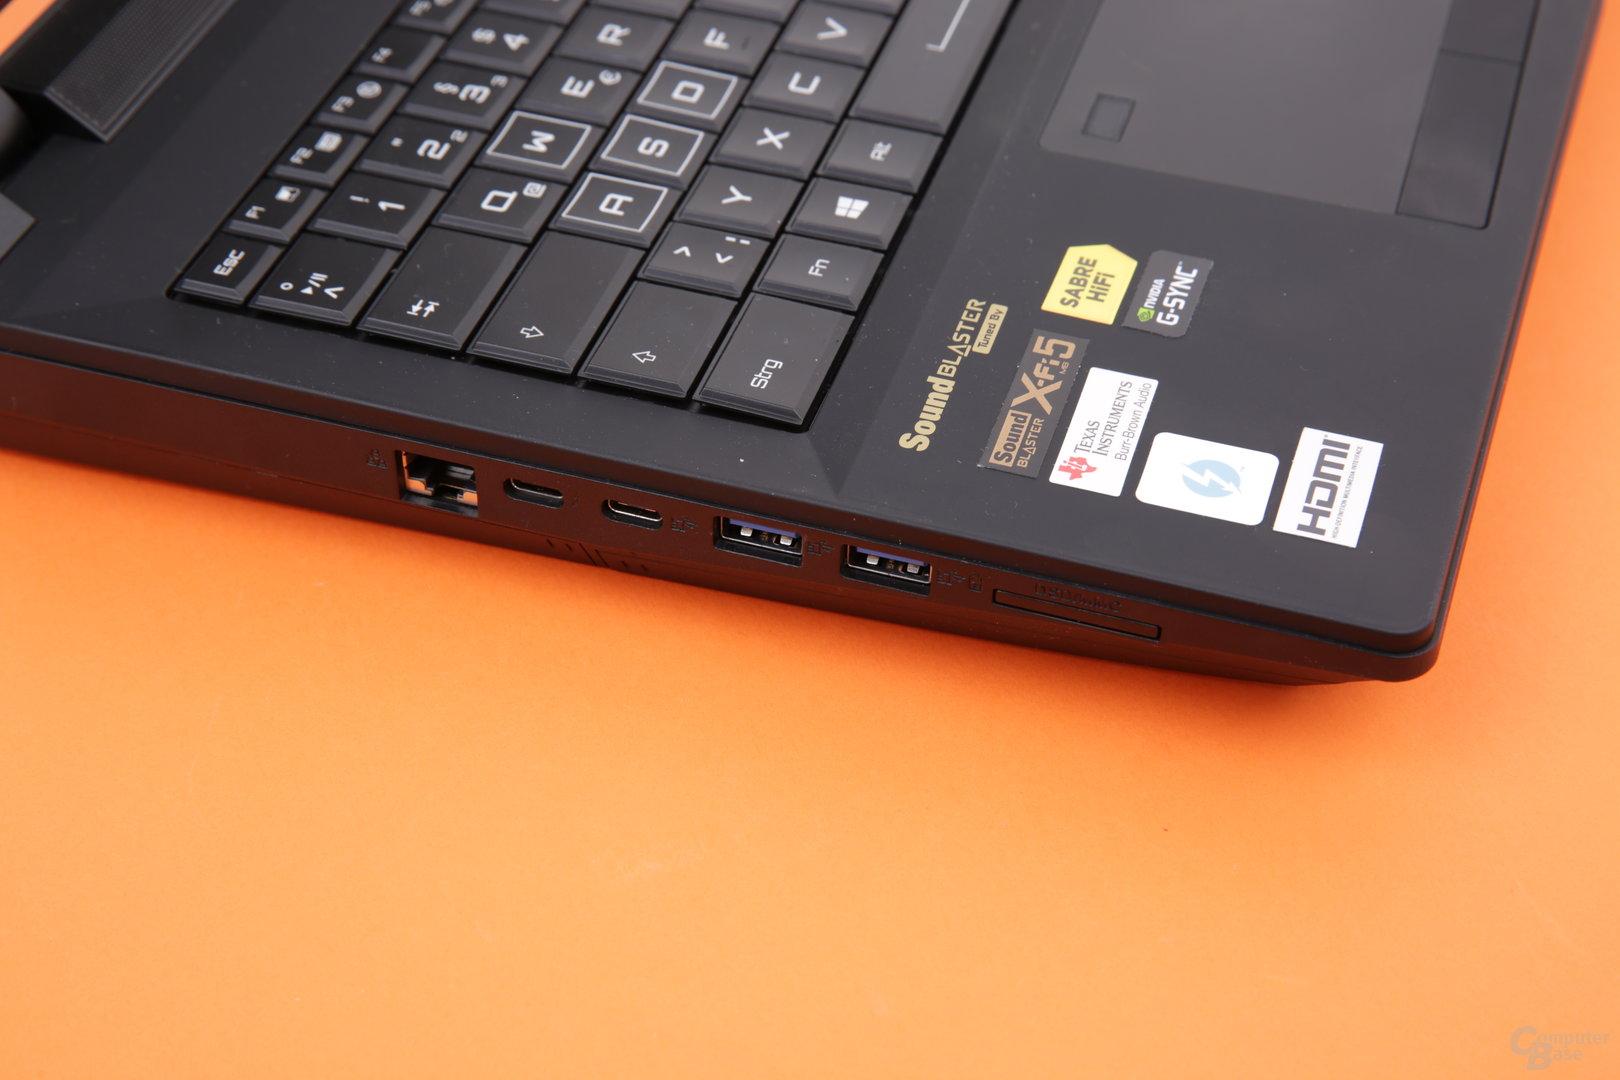 Zwei Mal Thunderbolt 3 (USB Typ C), zwei Mal USB 3.0, Ethernet und Kartenleser links